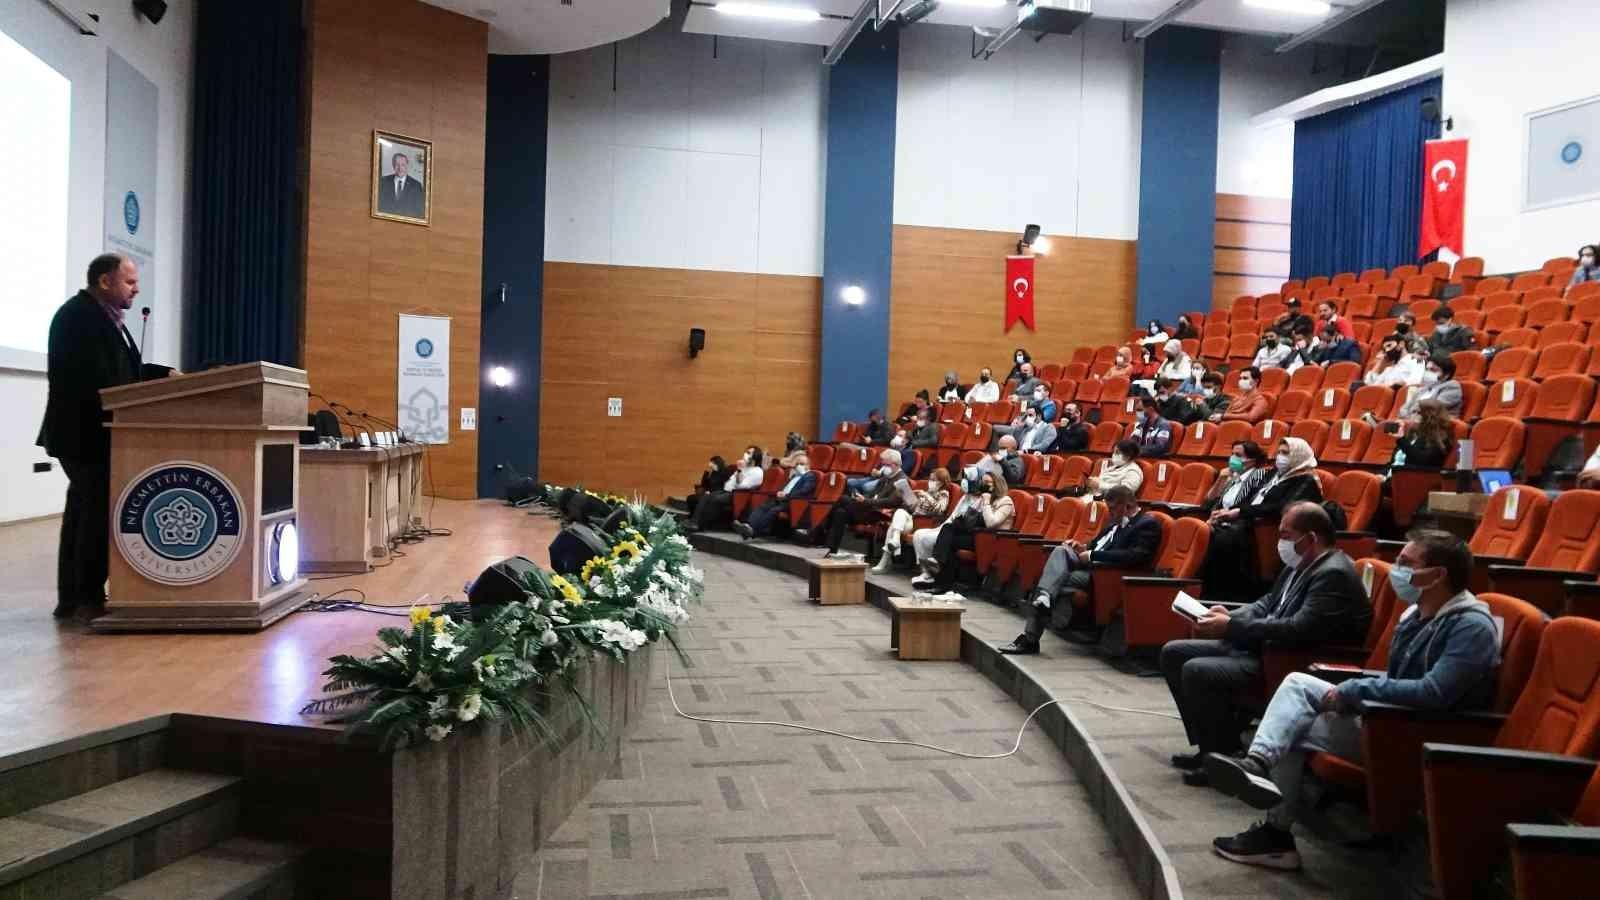 """Doç. Dr. Seçkin: """"3 yıllık süreçte Altınova'nın taramasını gerçekleştirdik"""""""